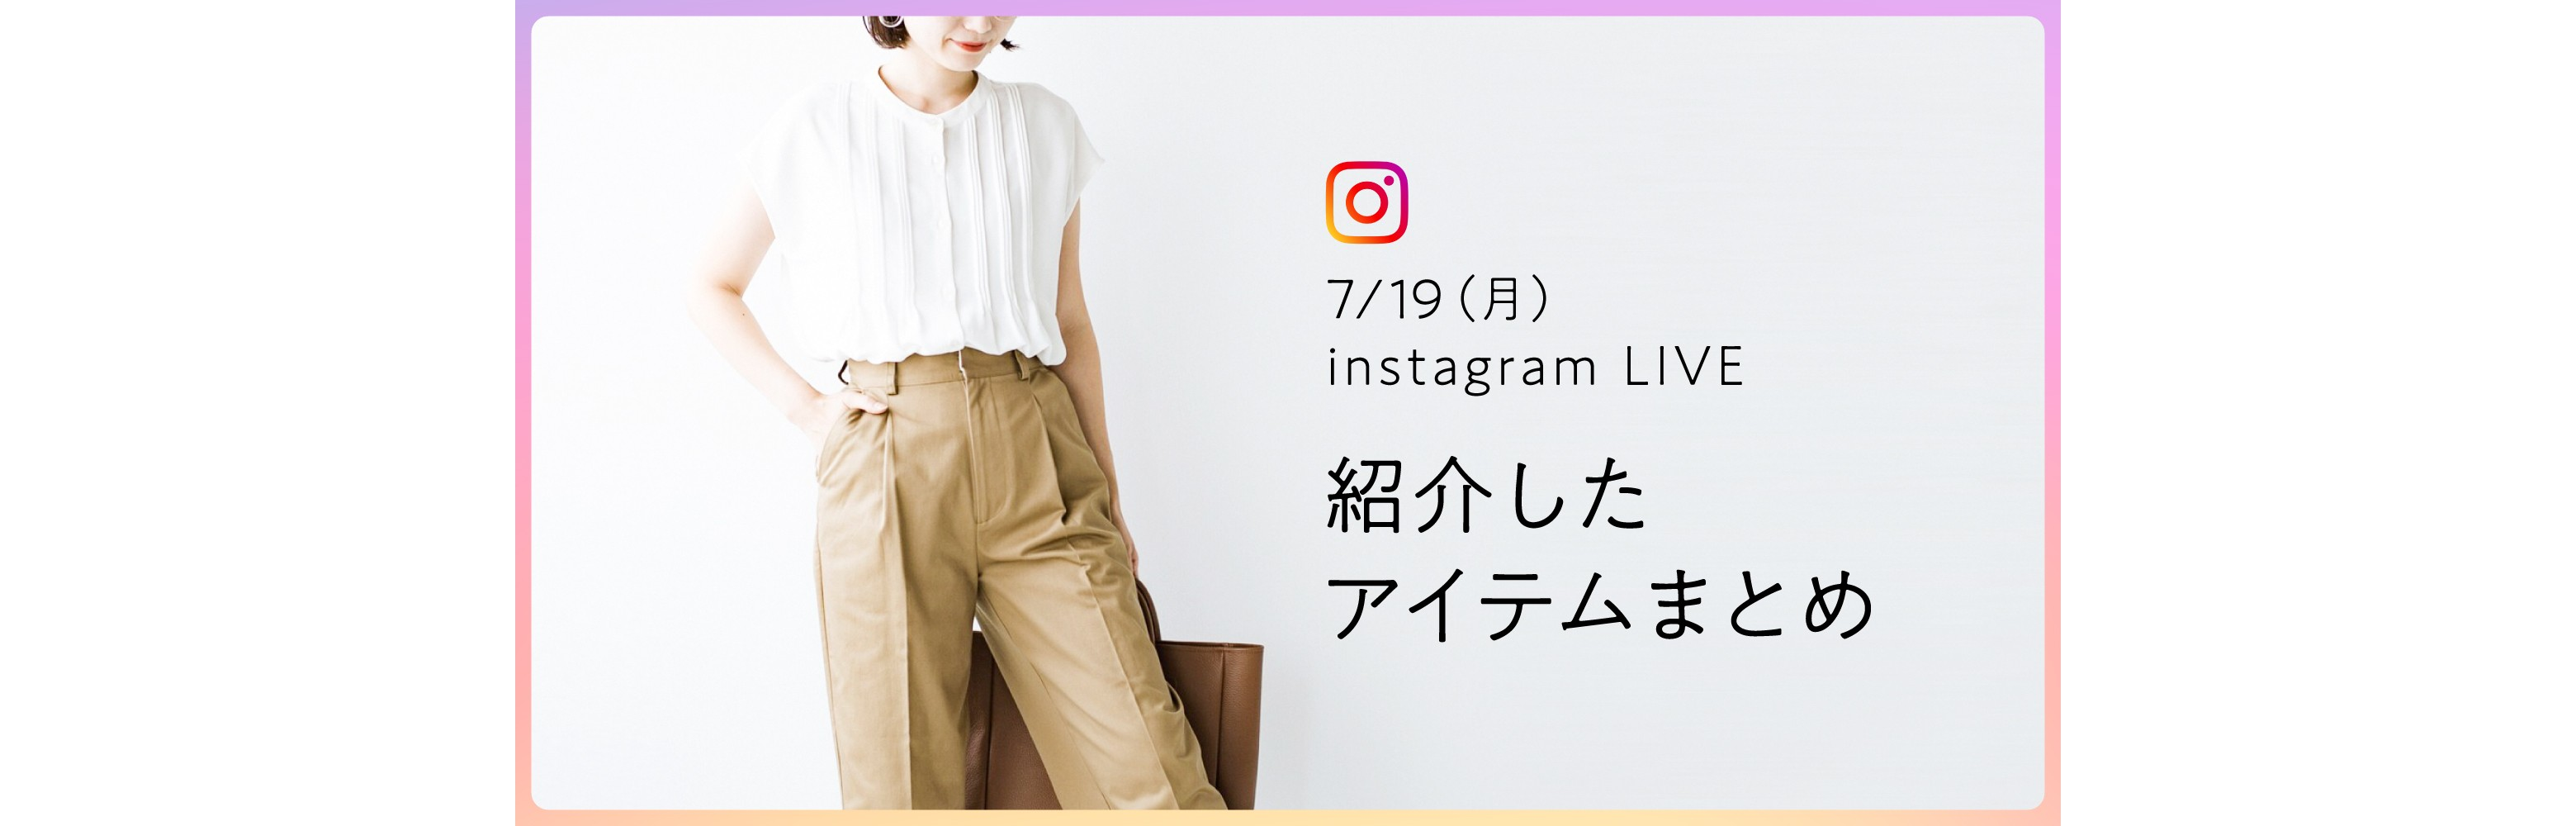 7月19日(月)配信「7月21日(水)発売予定のwho made meの新作お披露目インスタライブ」